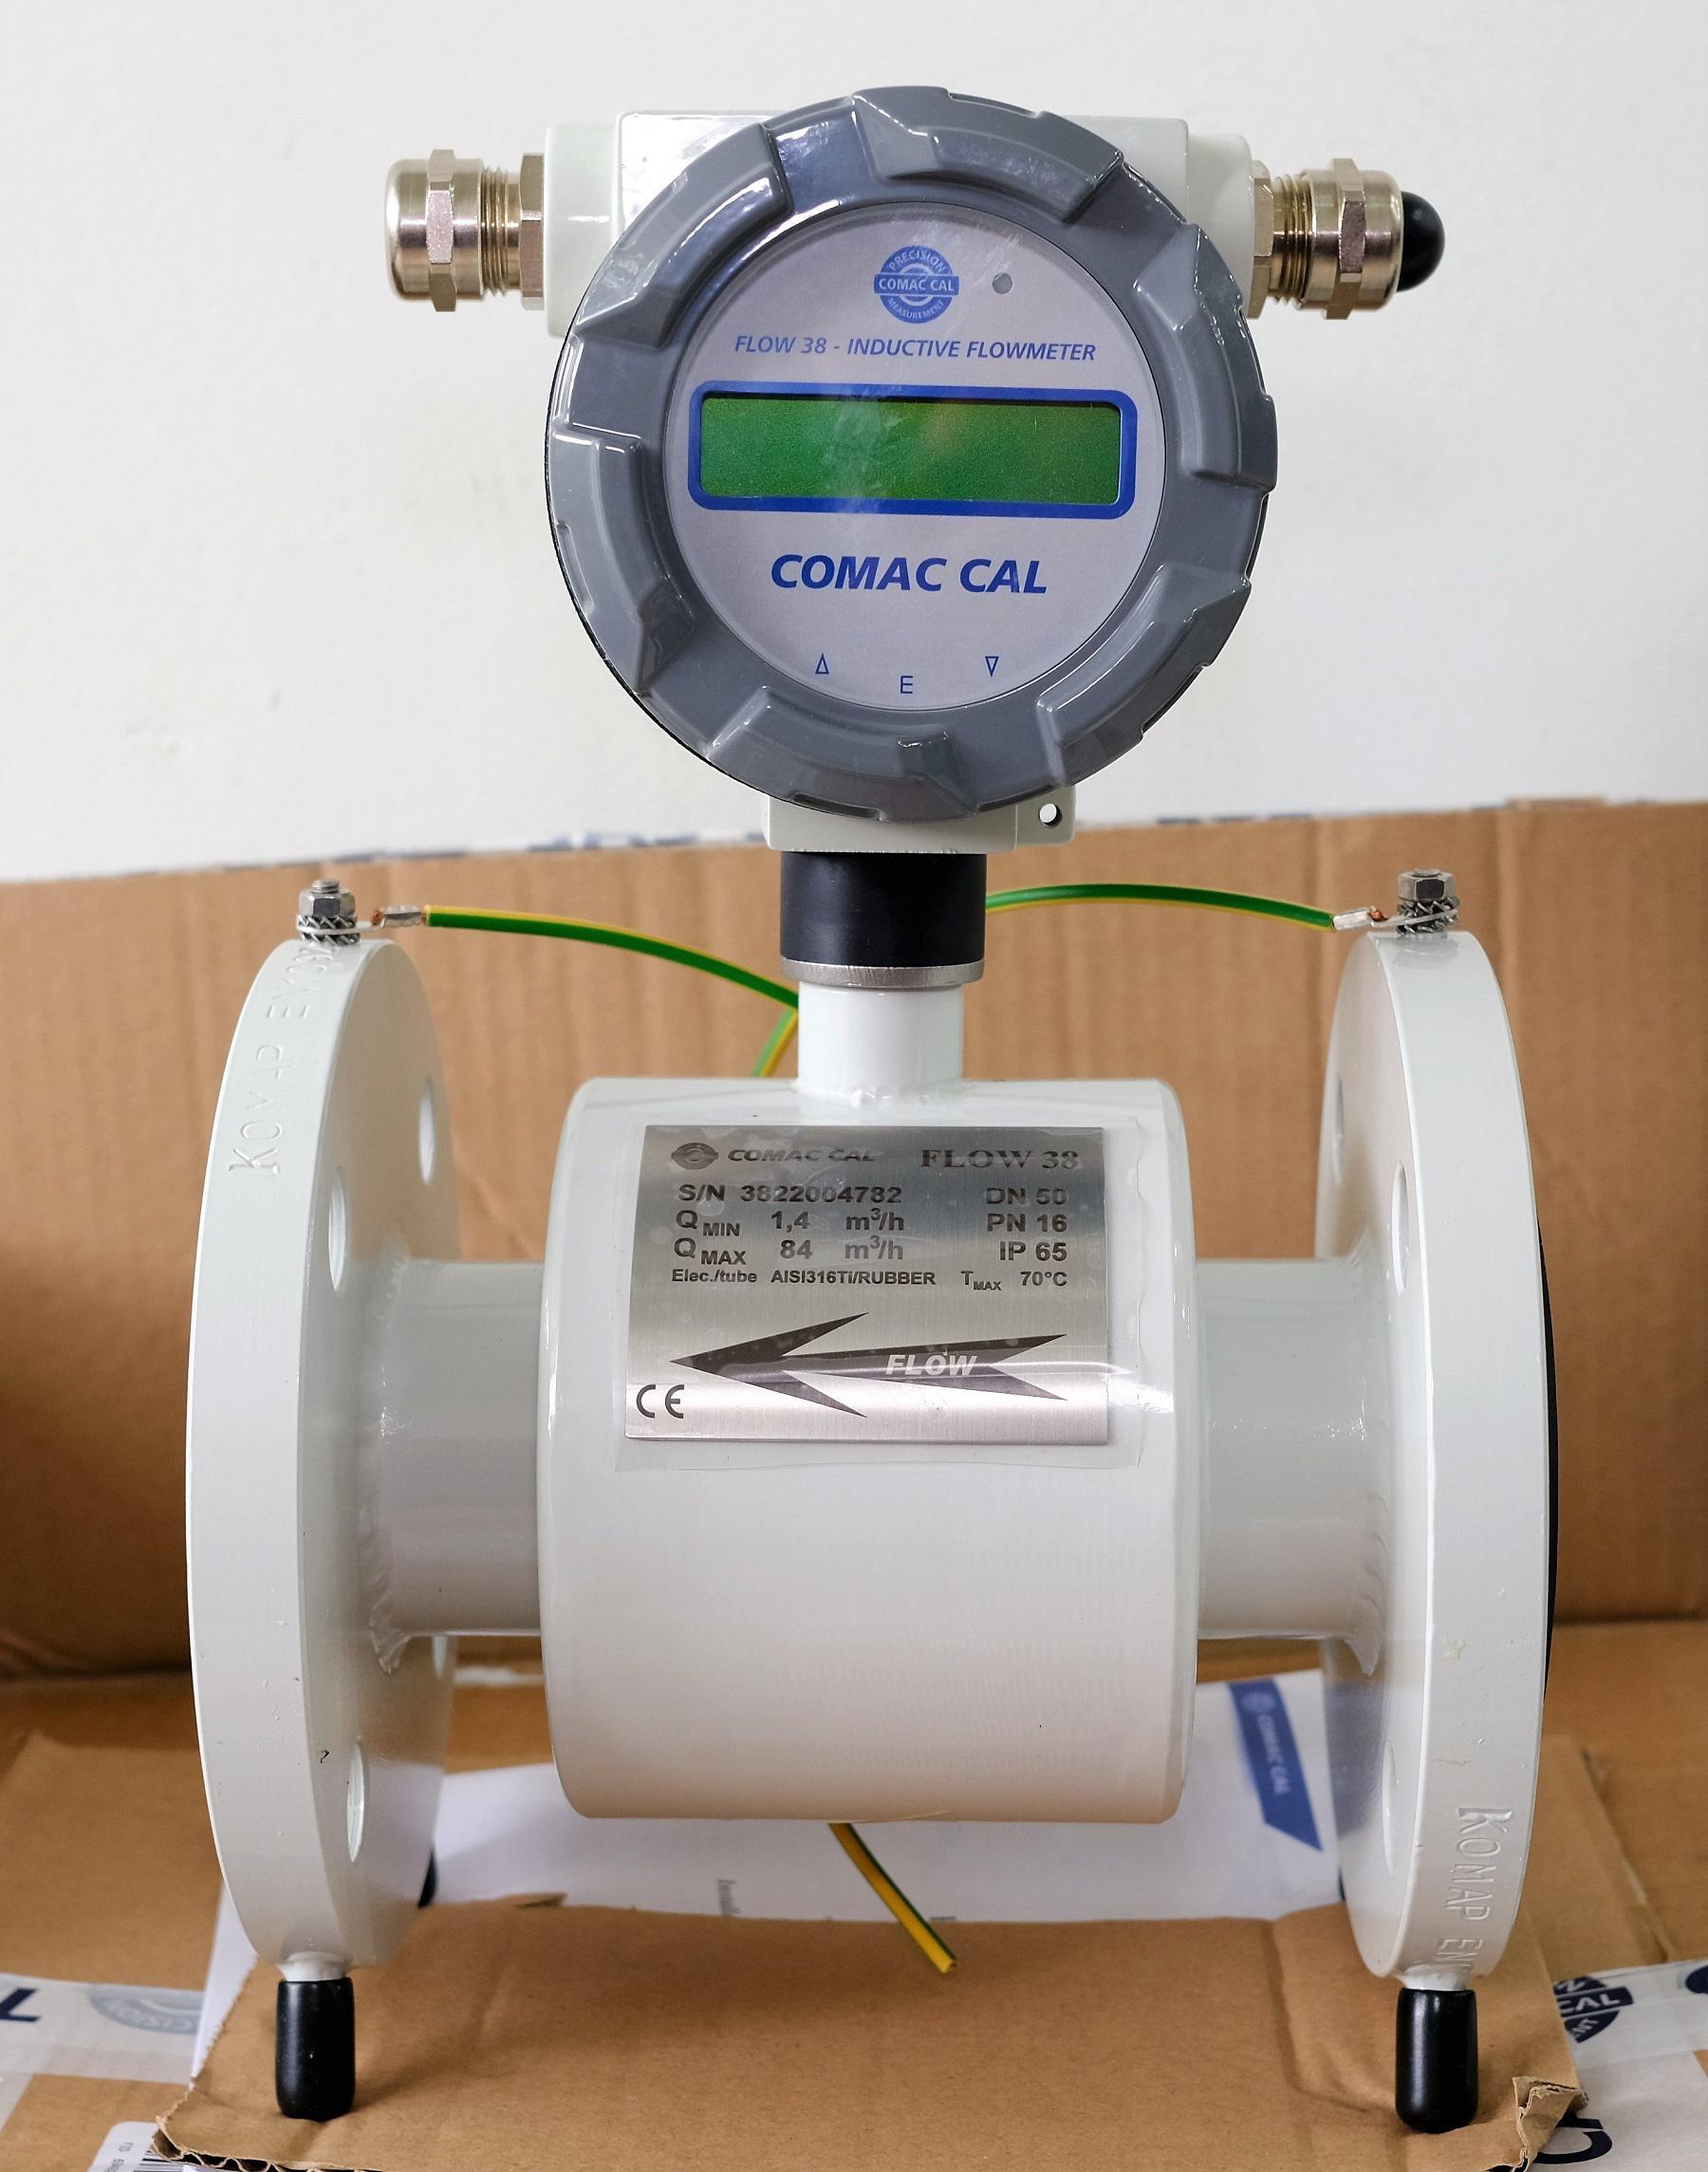 đồng hồ đo lưu lượng comac cal